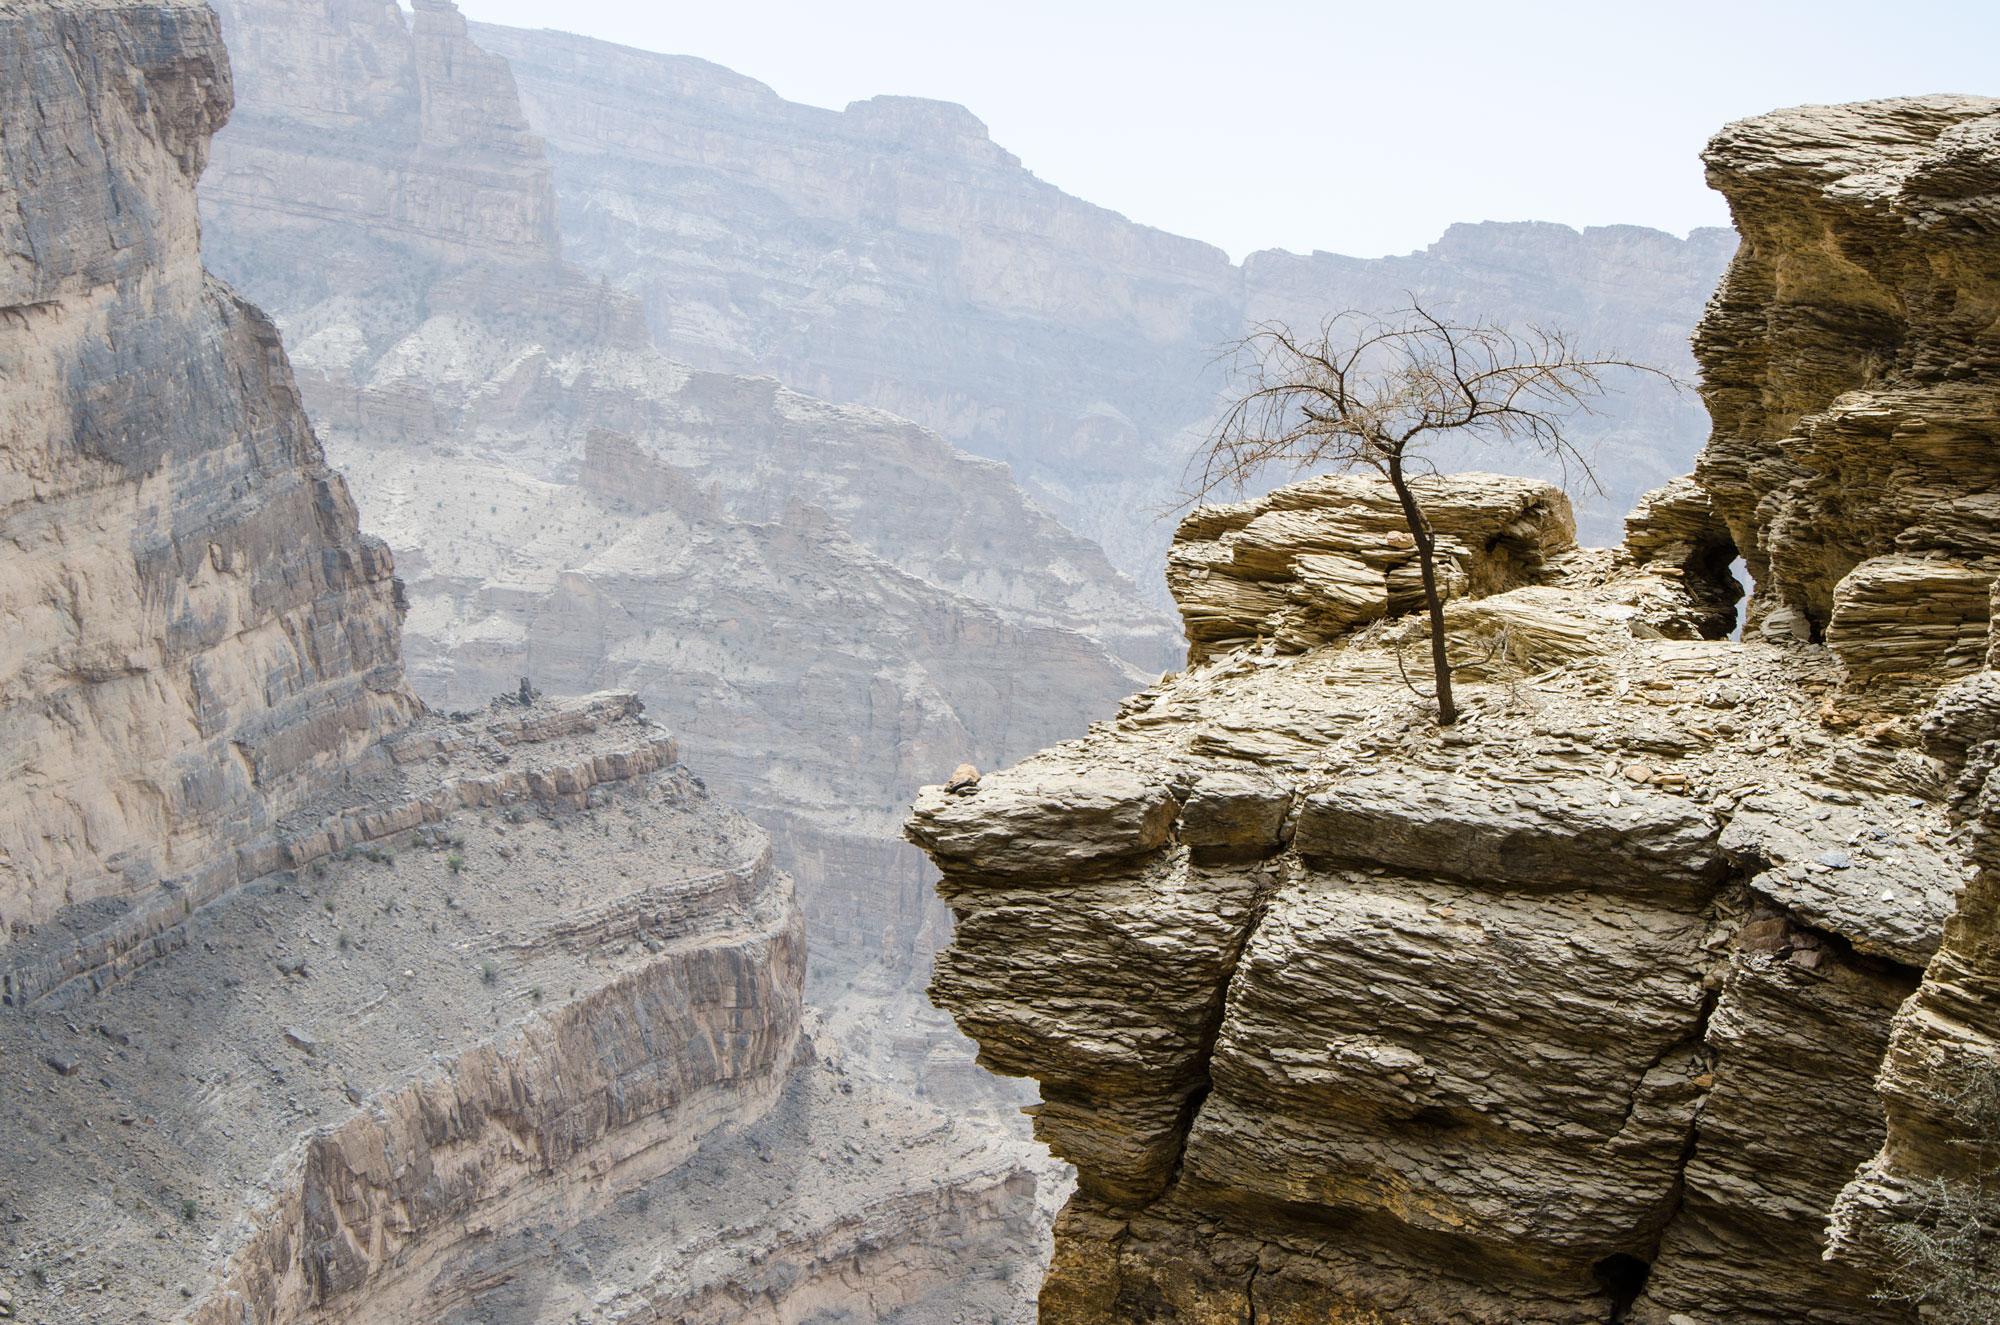 Entlang der Wände führt ein Wanderweg mit atemberaubenden Aussichten. Foto: Lothar Ruttner